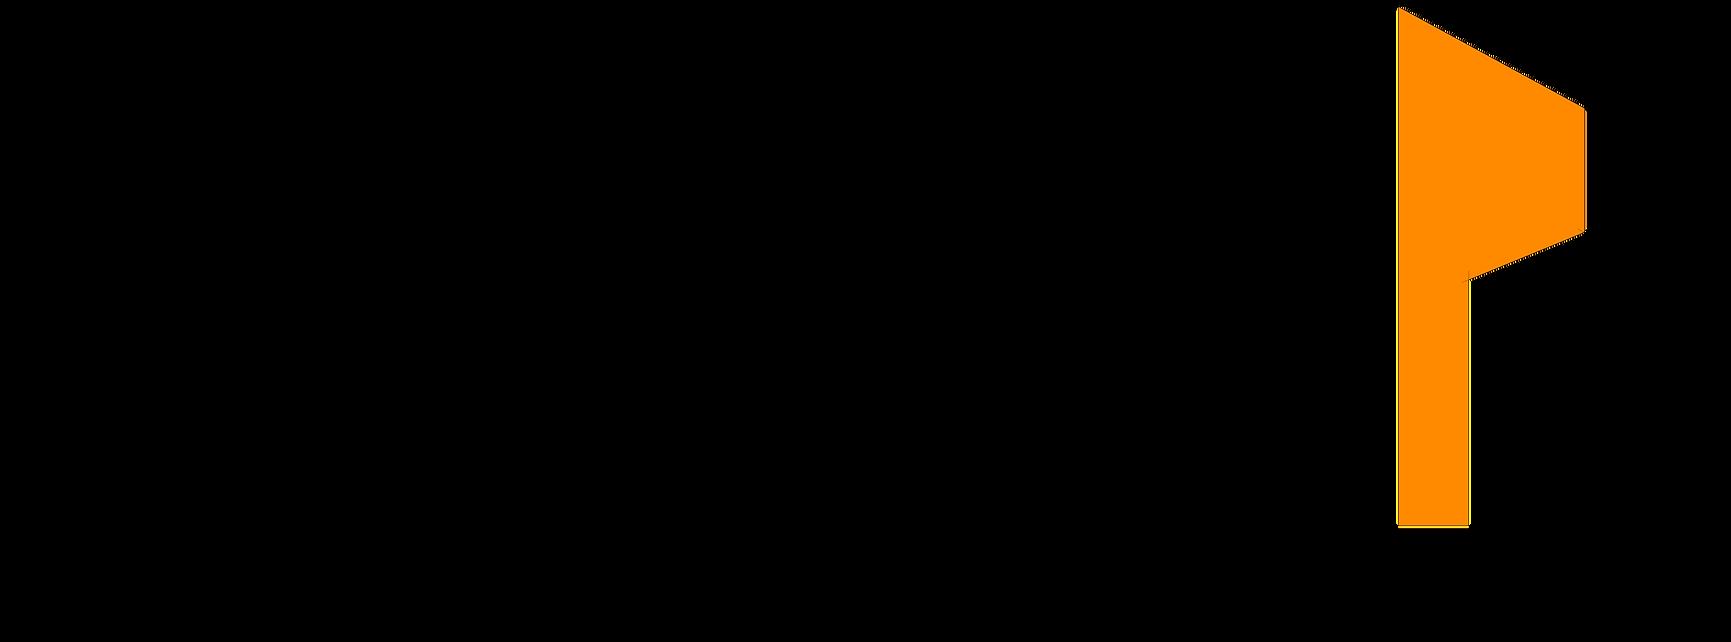 LOGO-2-CONSULTORIA.png